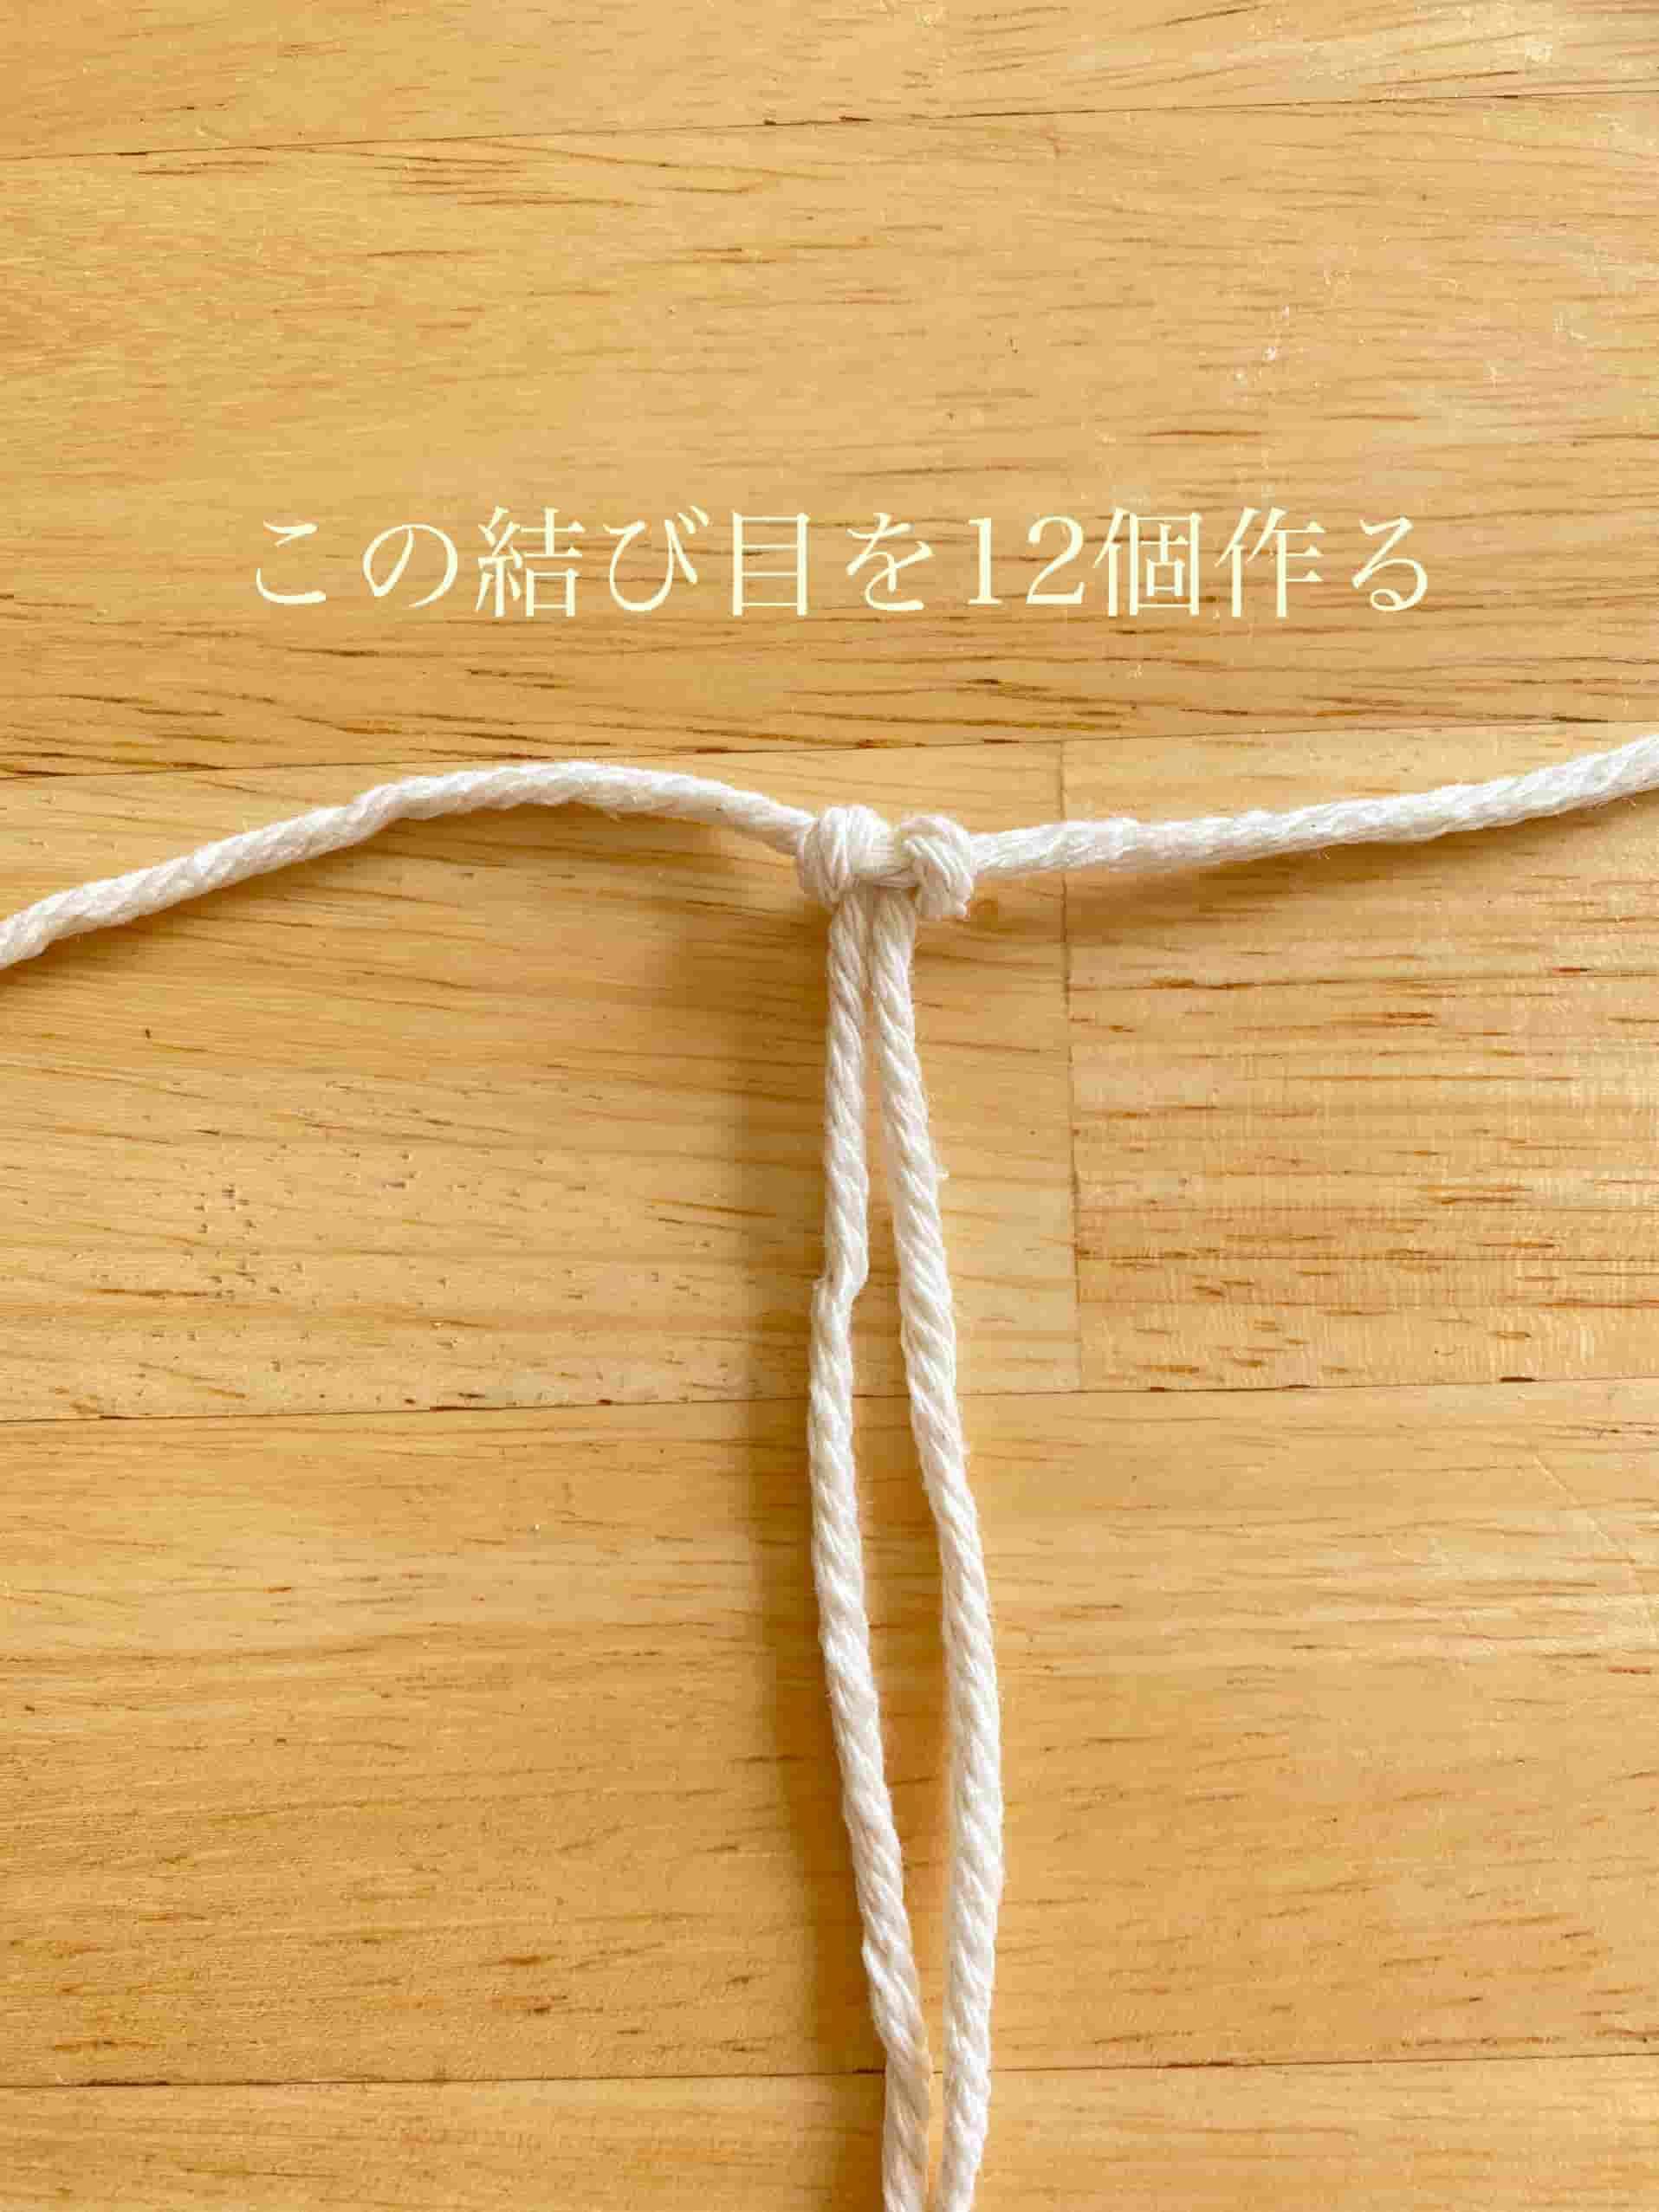 簡単!結ぶだけのマクラメジャーの作り方